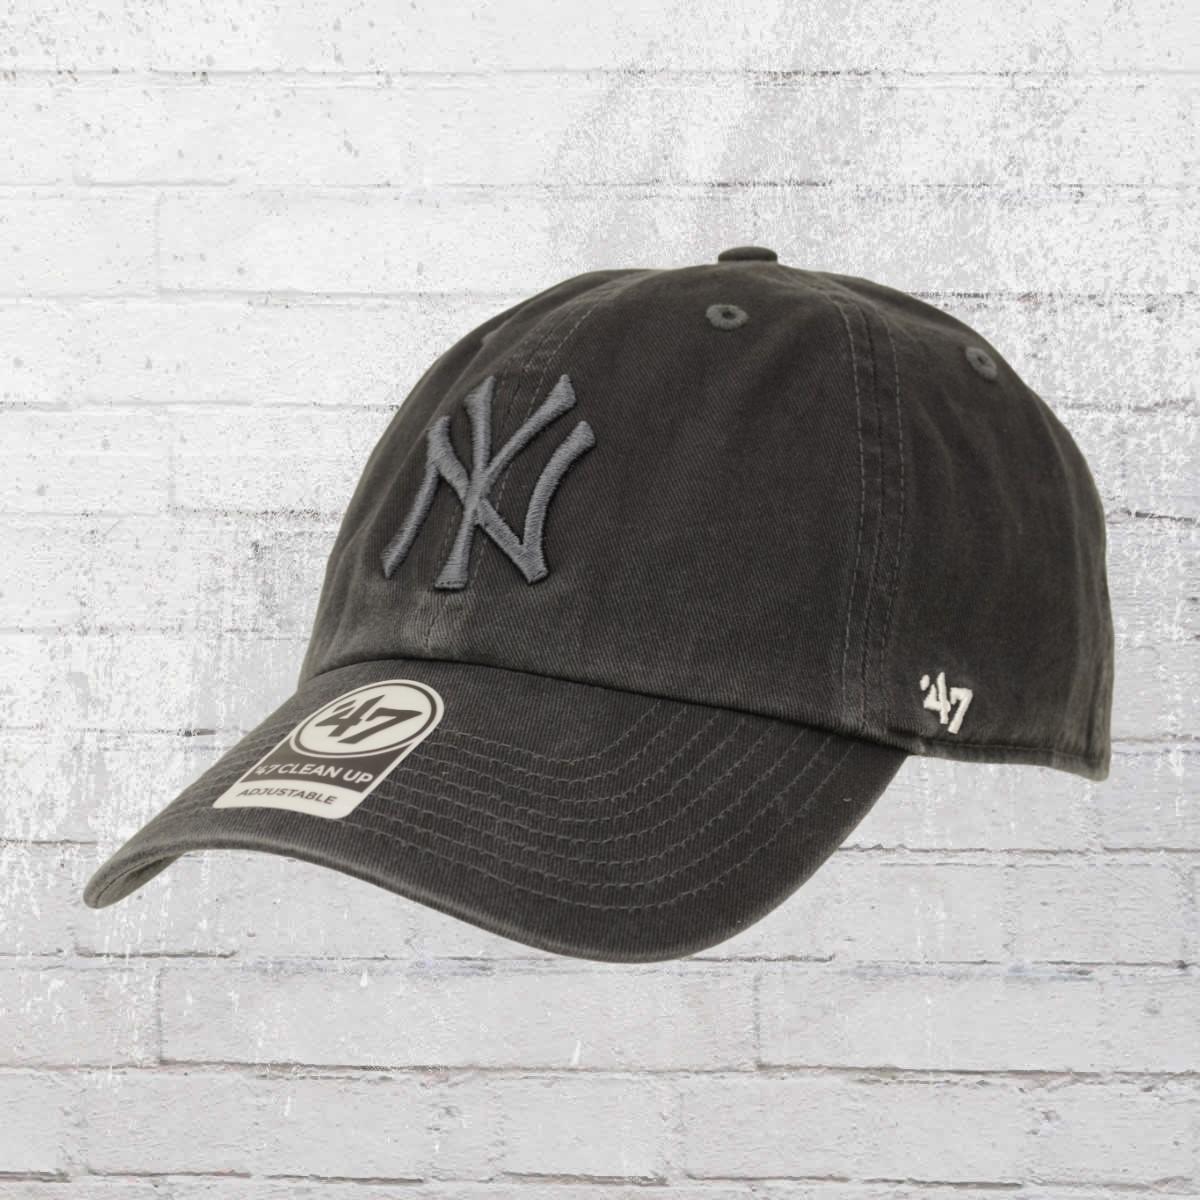 premium selection de2c0 bcbe1 47 Brands Team Cap New York Yankees Clean Up Hat dark charcoal. ›‹ «